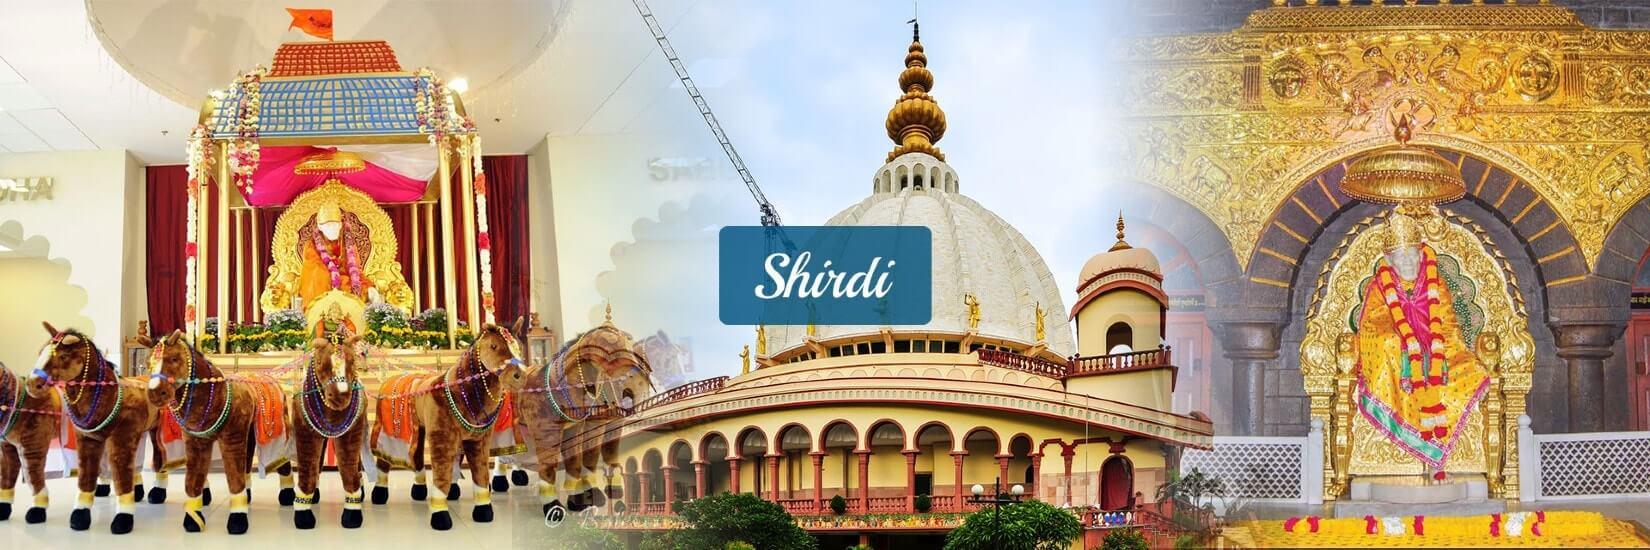 shirdi-tour-packages